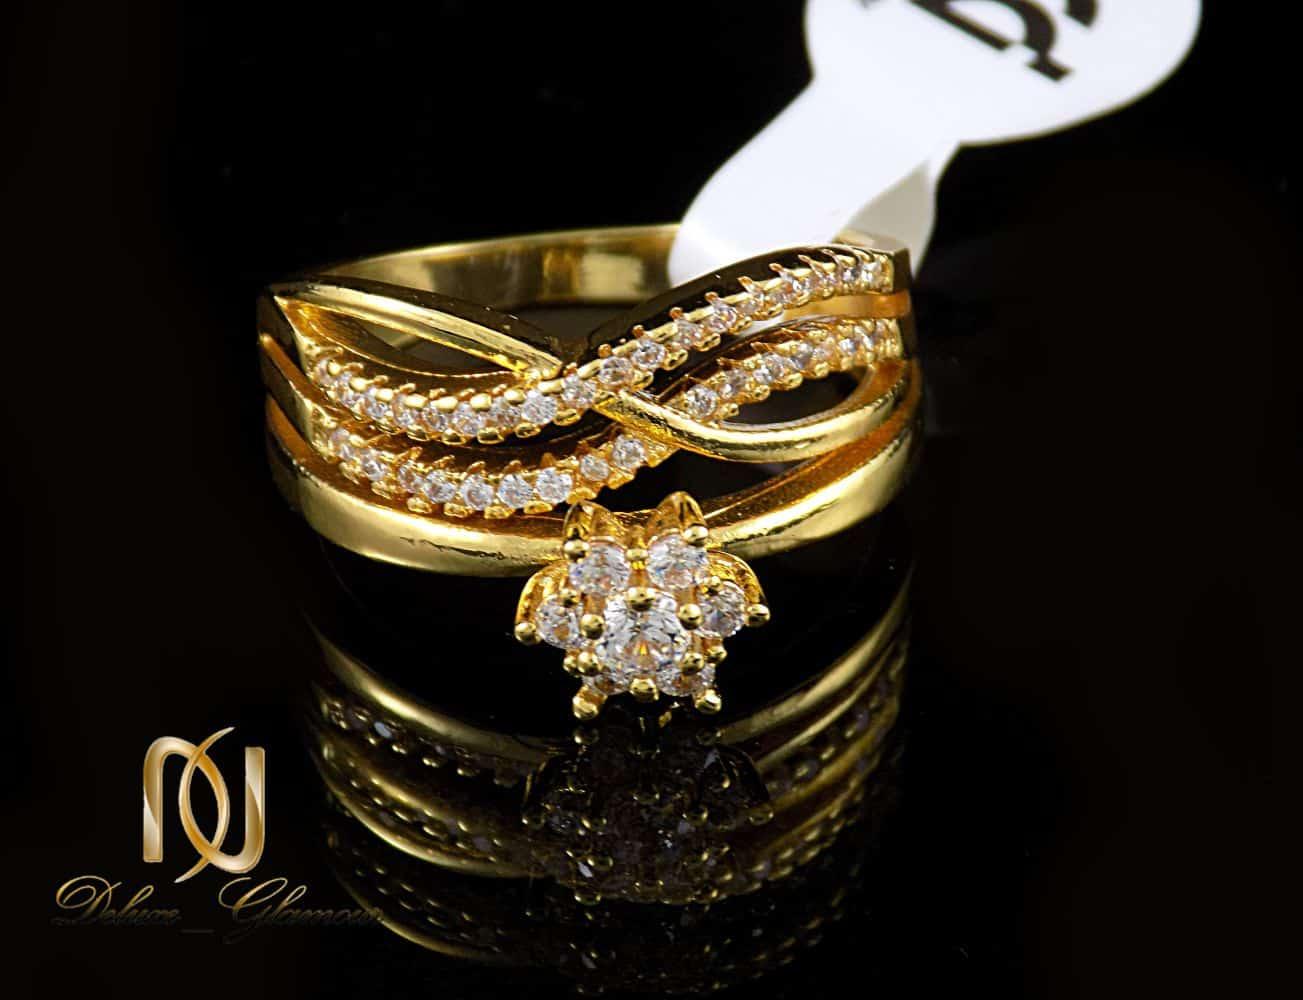 انگشتر زنانه استیل طرح تک نگین با روکش آب طلای 18 عیار RG-N174 از نمای نزدیک